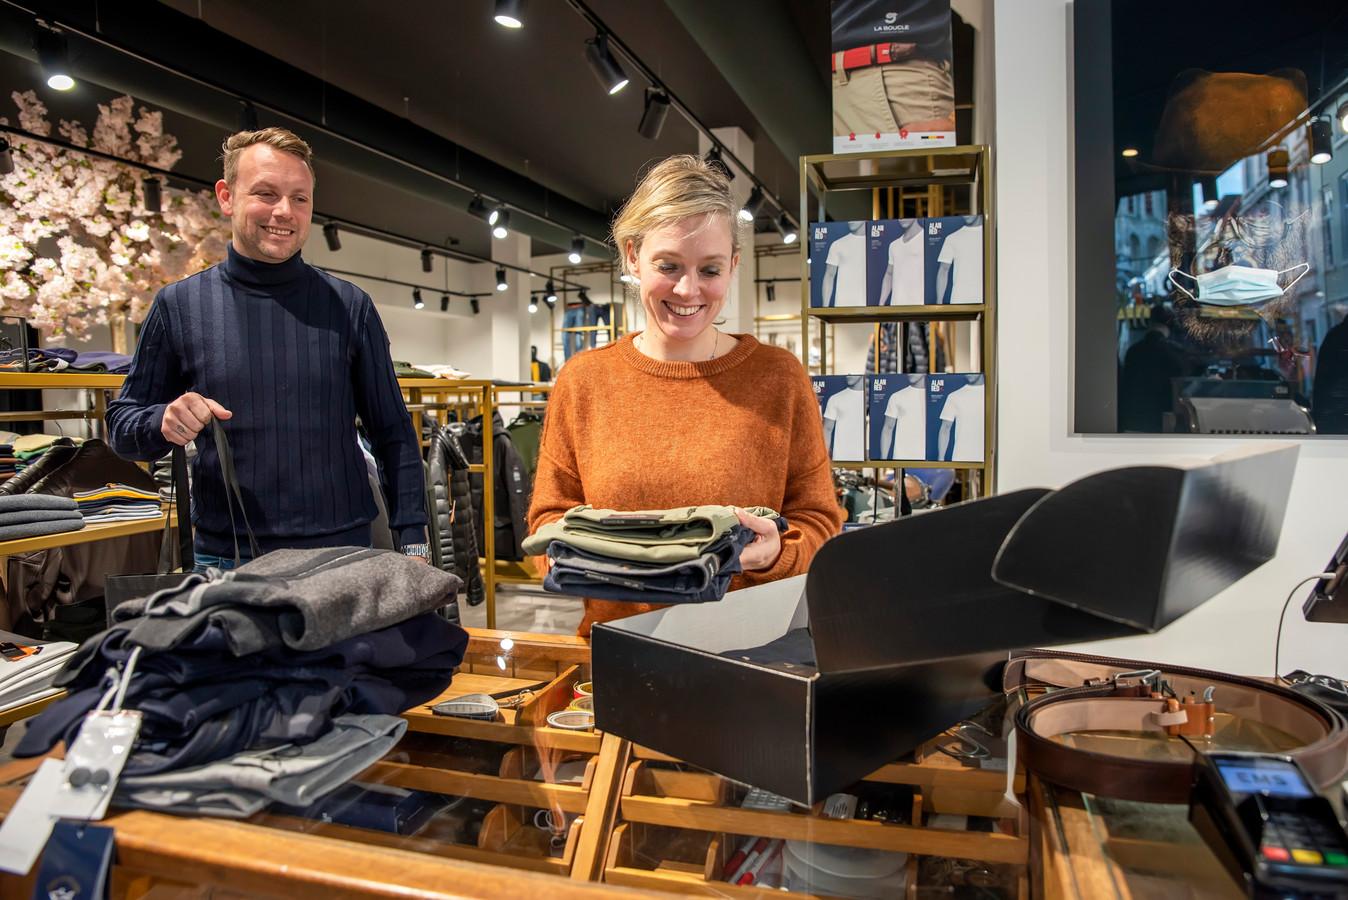 Bergen op Zoom, Moreno Molenaar/Pix4Profs  Dave en Charlotte Koevermans bezig met het inpakken van een online bestelling